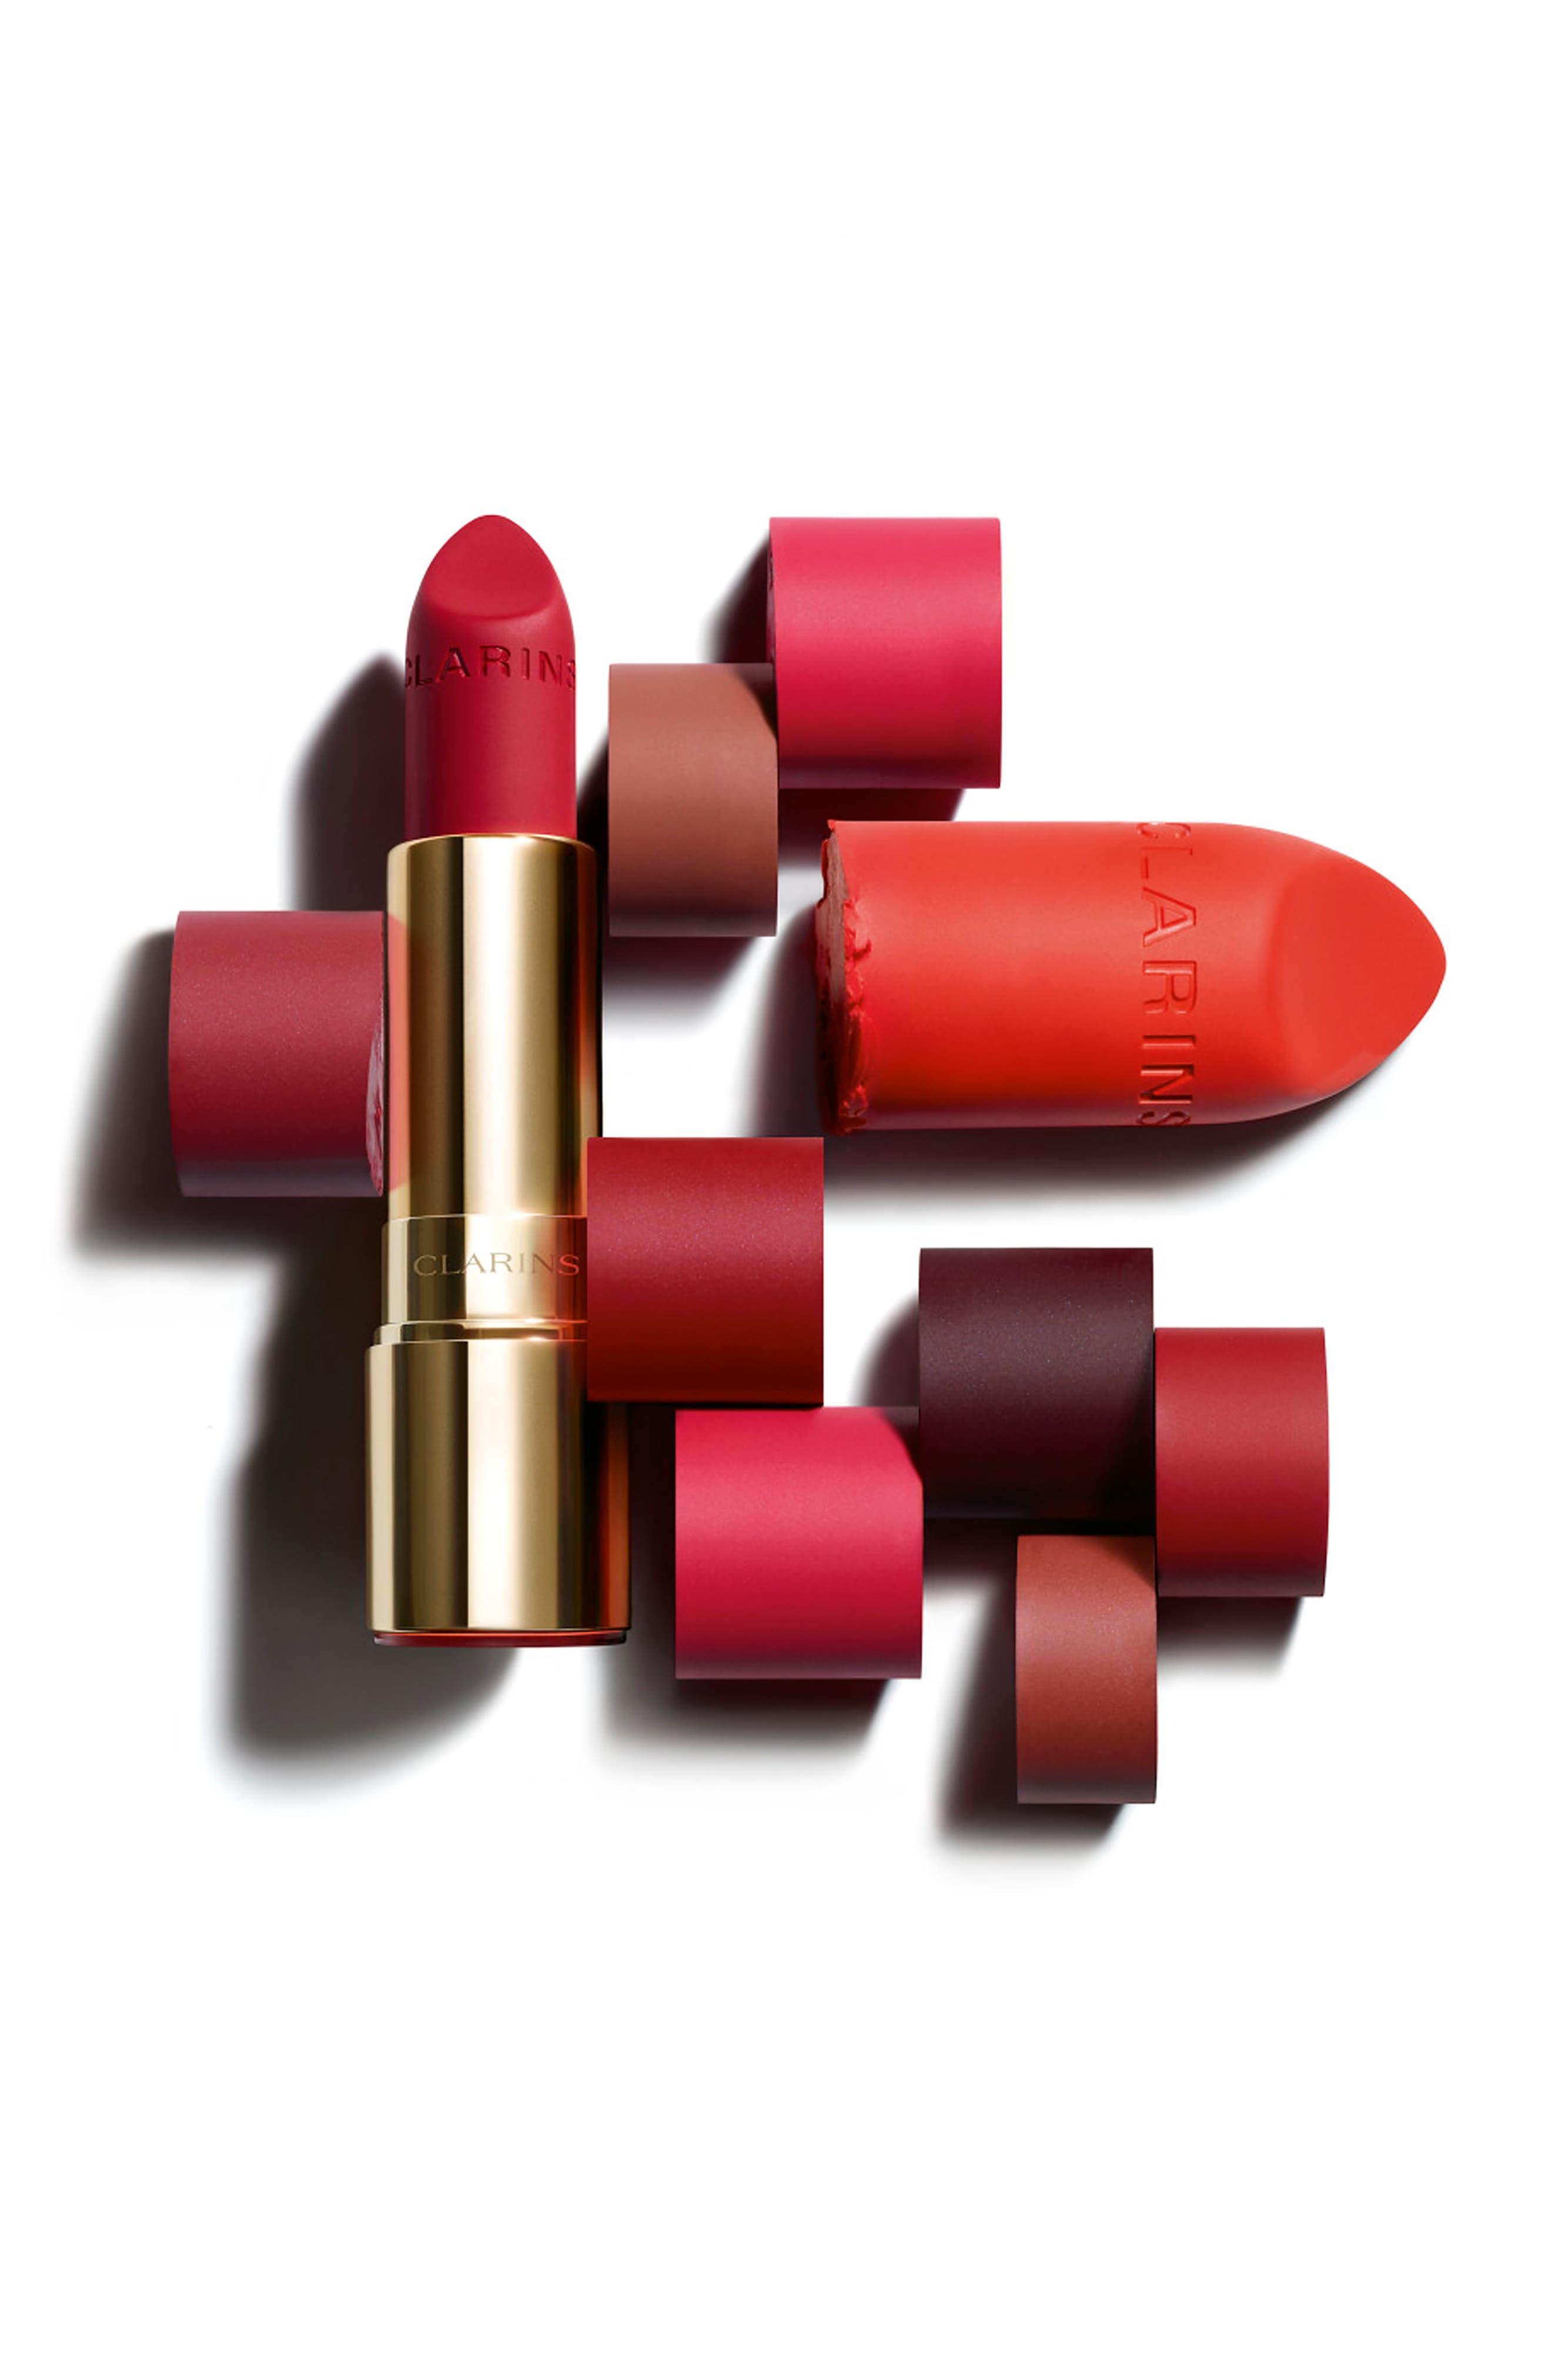 Joli Rouge Velvet Matte Lipstick,                             Alternate thumbnail 4, color,                             737 SPICY CINNAMON